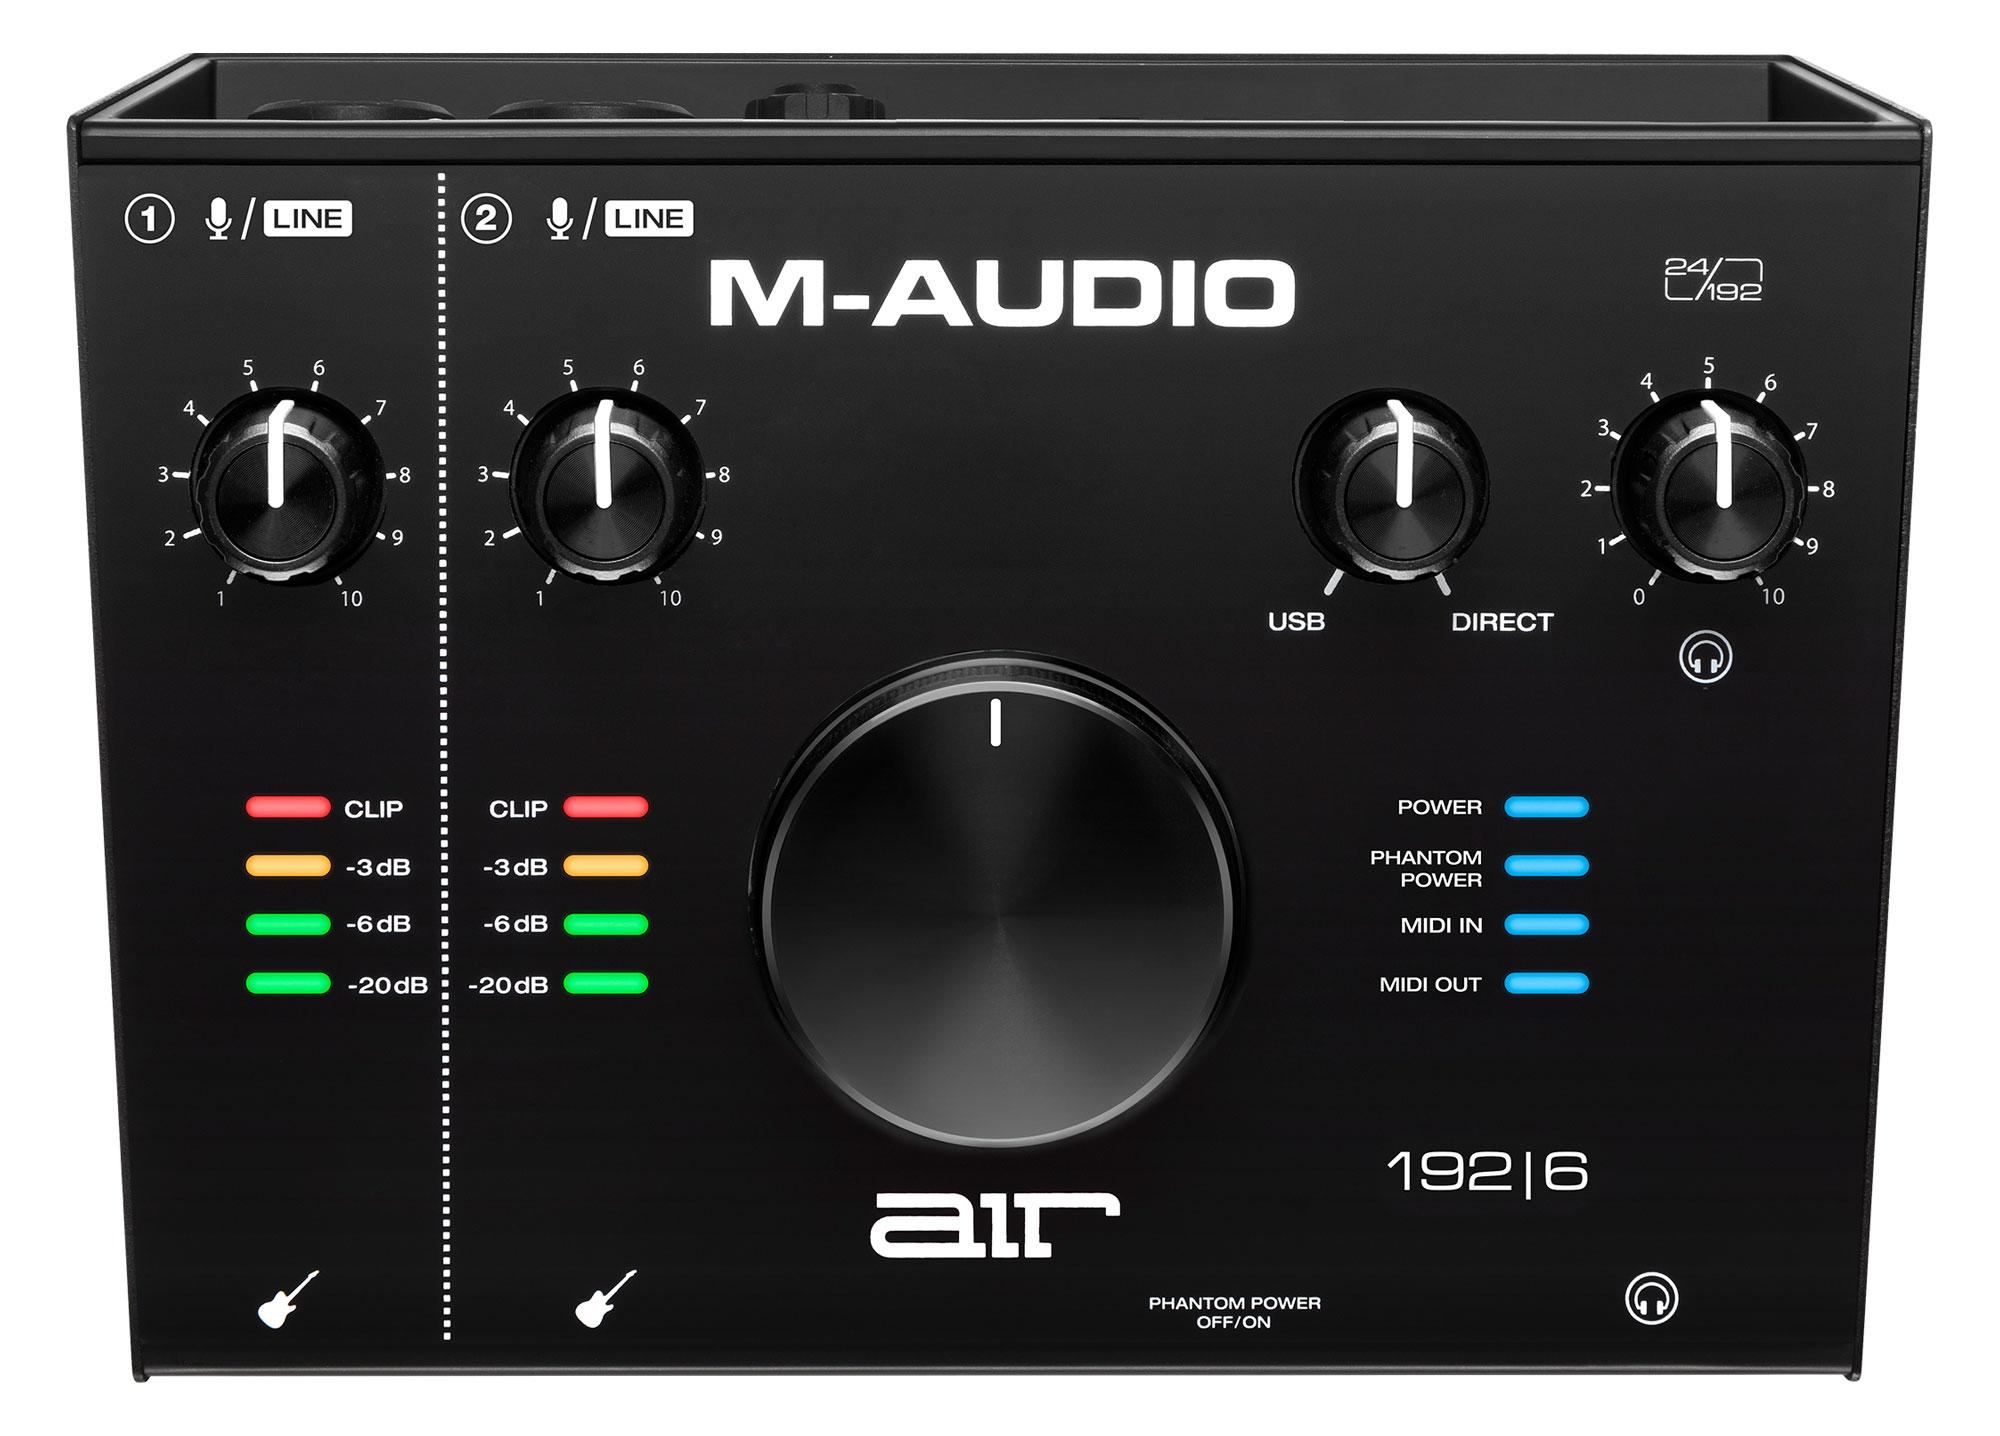 Pchardware - M Audio AIR 190|6 - Onlineshop Musikhaus Kirstein